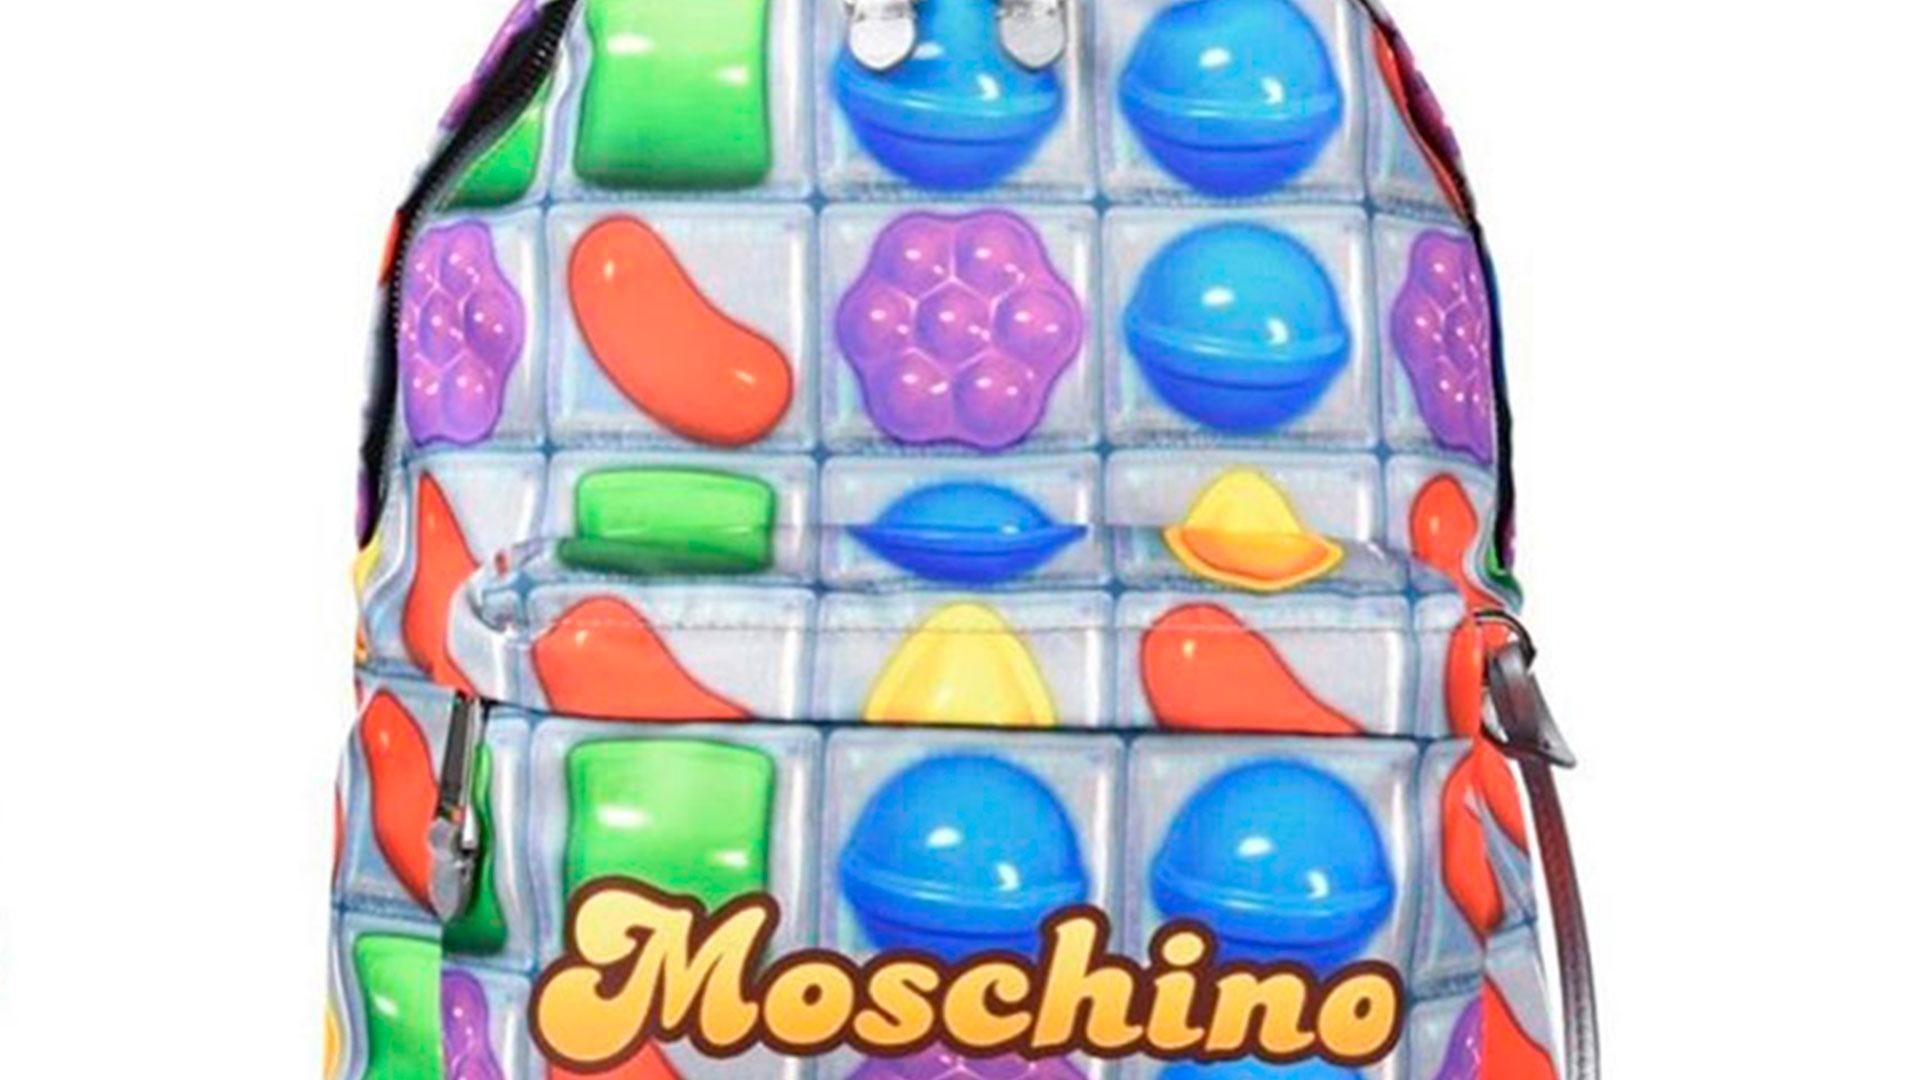 Verano Moschino hero asset